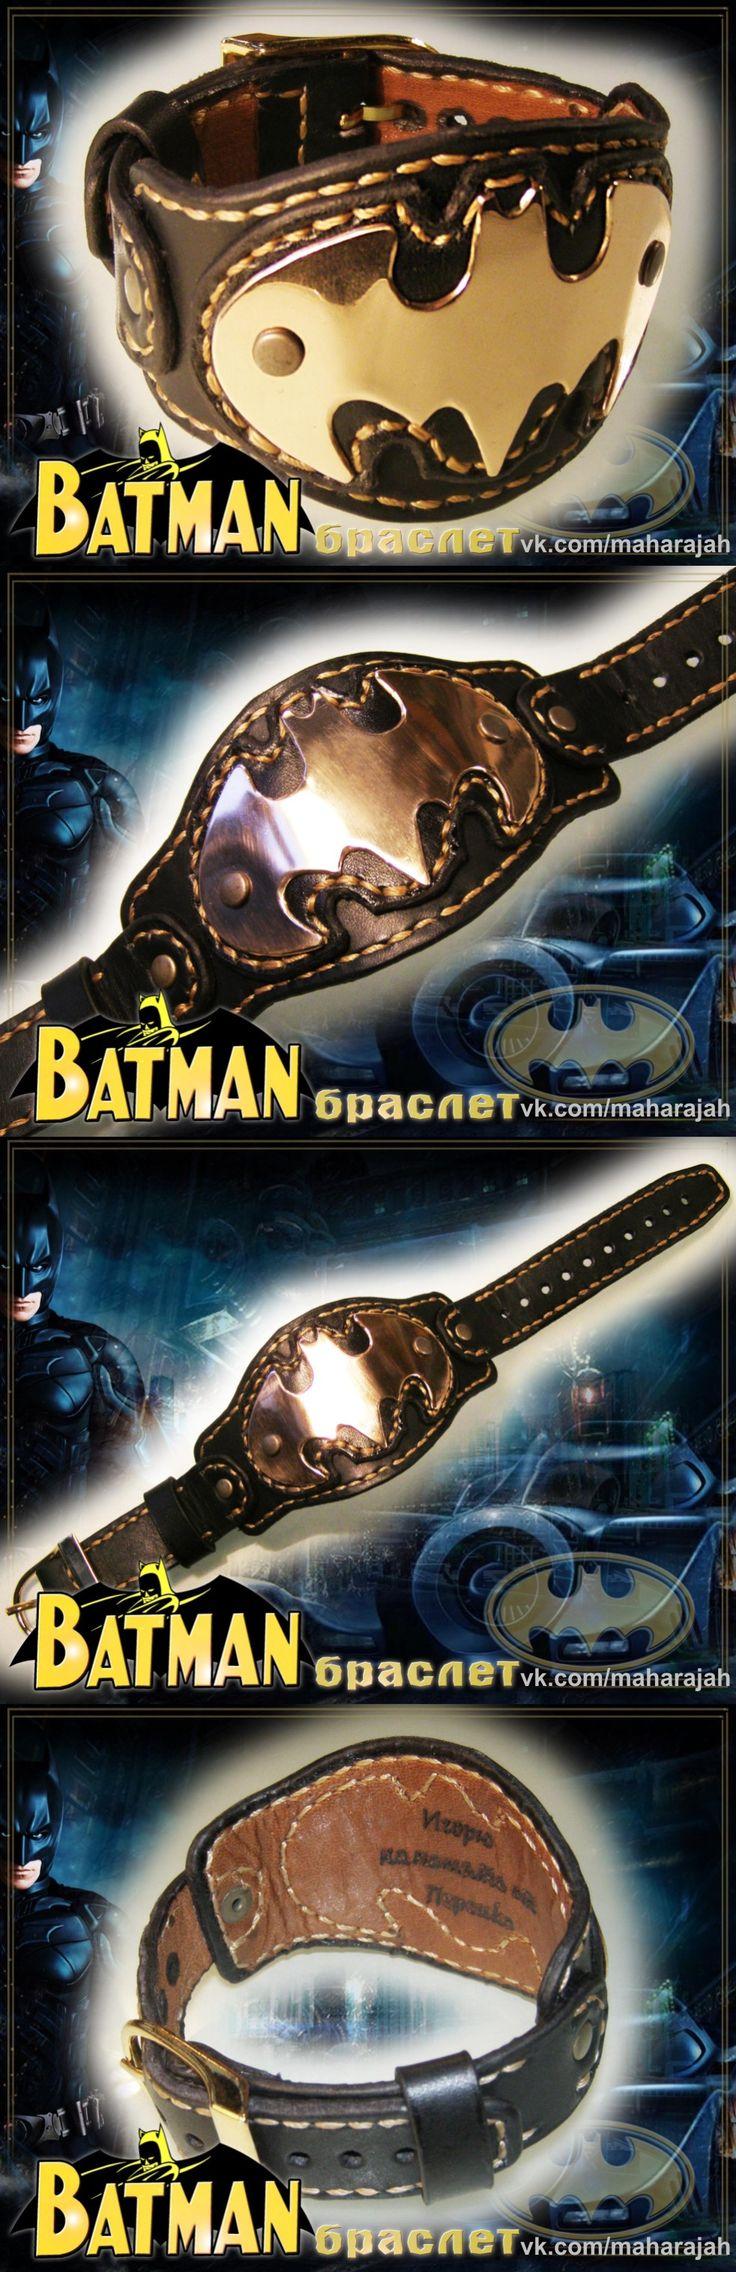 bracelet Batman браслет Бетмен  #Batman_bracelet #БраслетБэтмена Кожа юфть, латунная накладка, вырезанная вручную. На подкладе подарочная надпись. Прошивка в две иглы седельным швом. Пряжка-застежка с возможностью регулирования длины